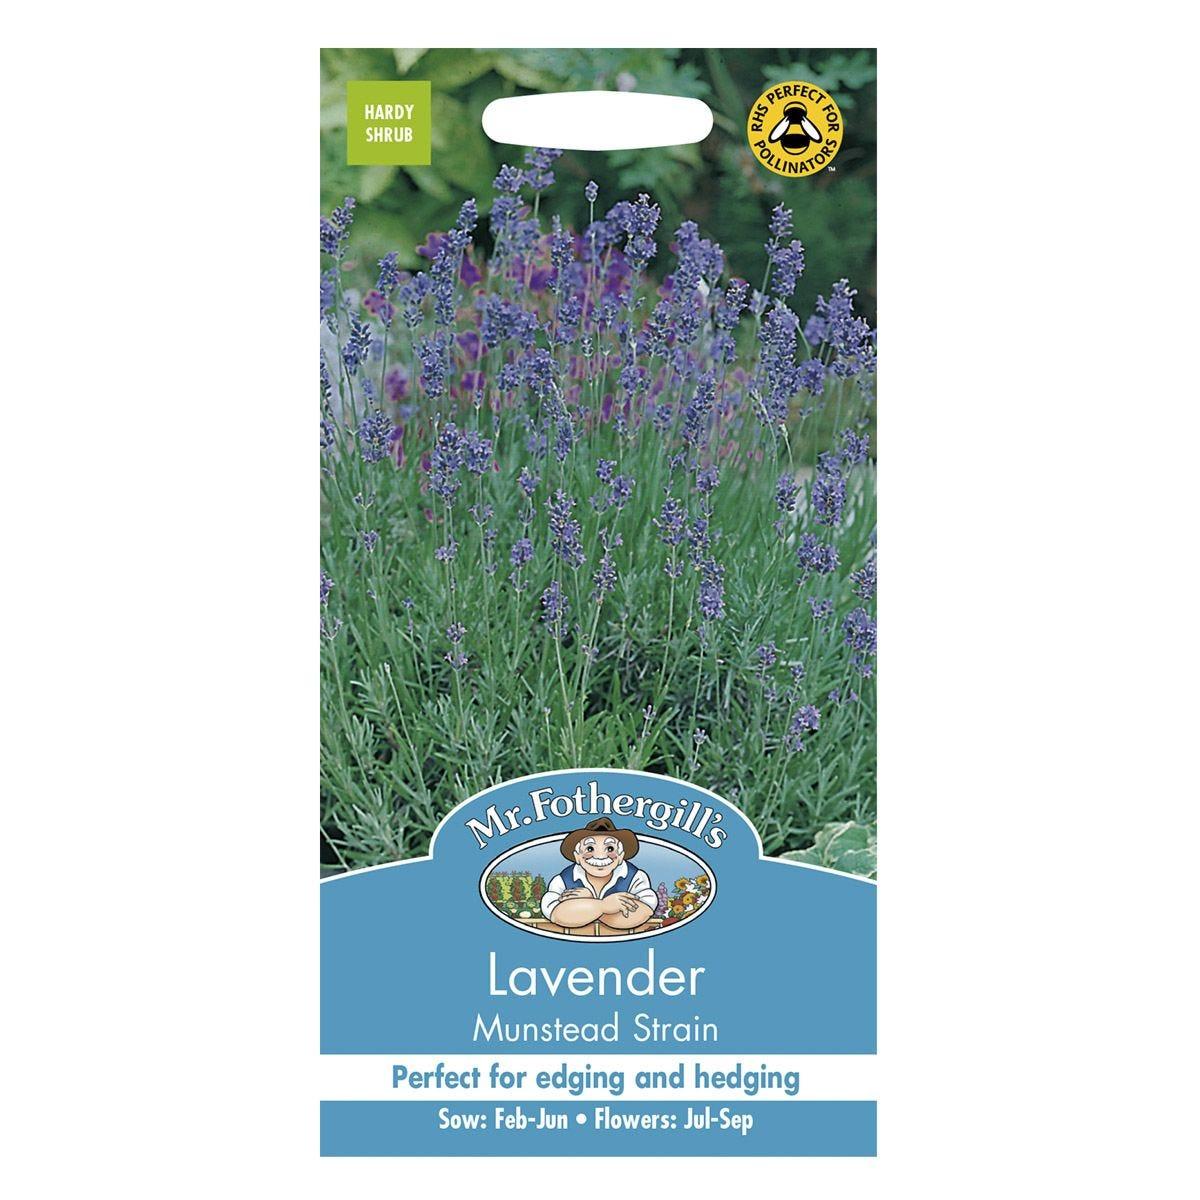 Mr Fothergill's Lavender Munstead Strain Seeds